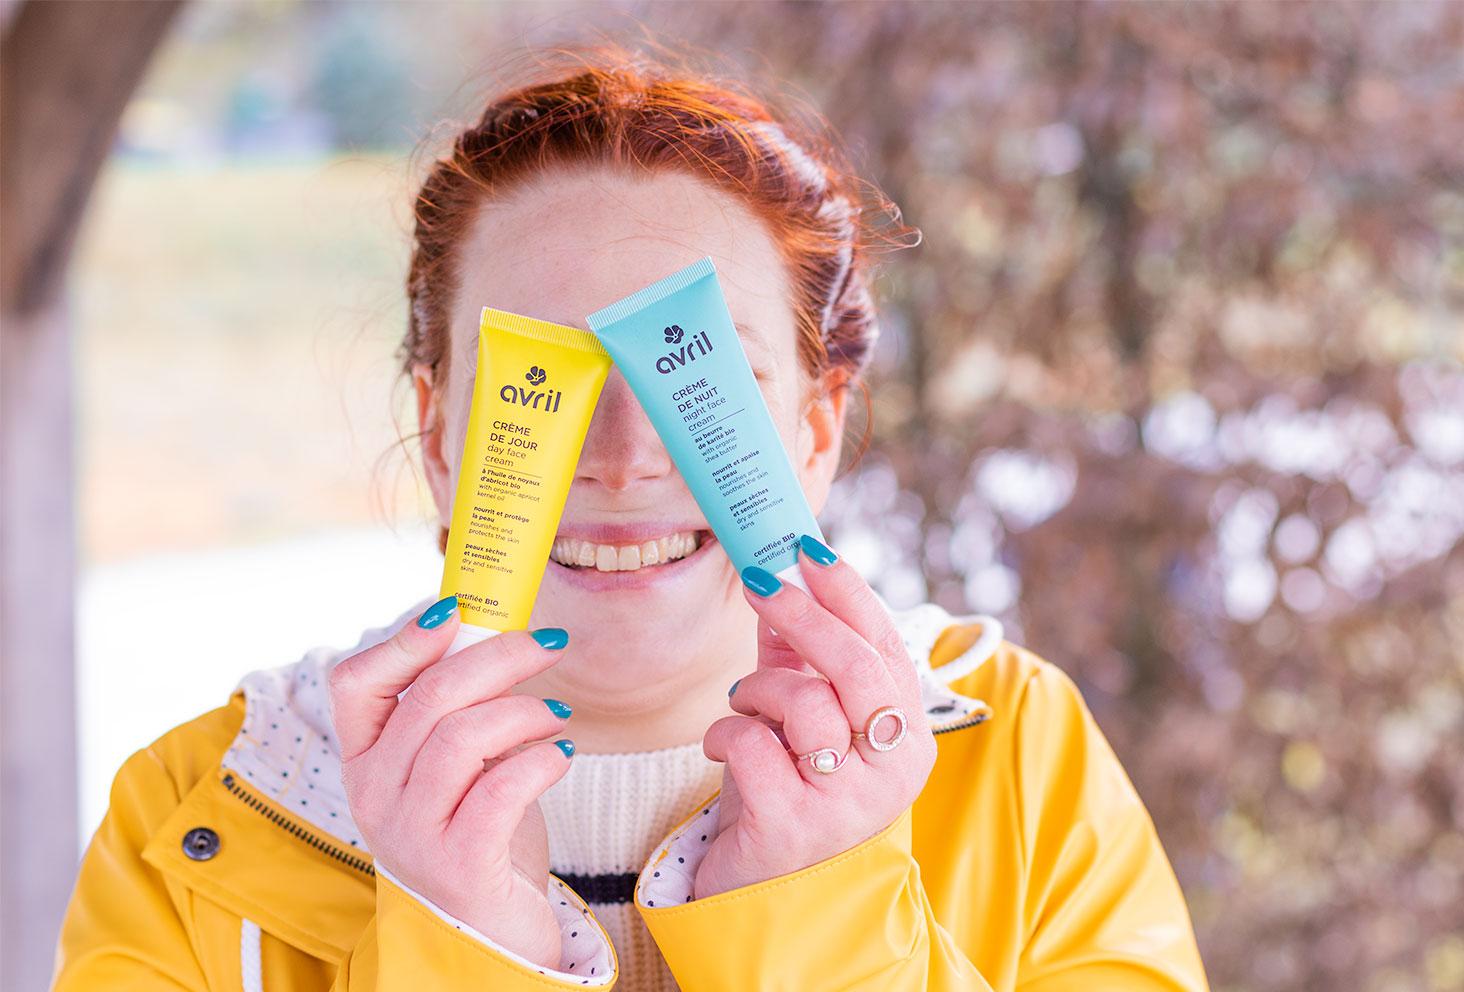 La crème de jour et la crème de nuit de la marque Avril, tenues dans les mains devant les yeux avec le sourire, en ciré jaune et vernis turquoise sur les ongles